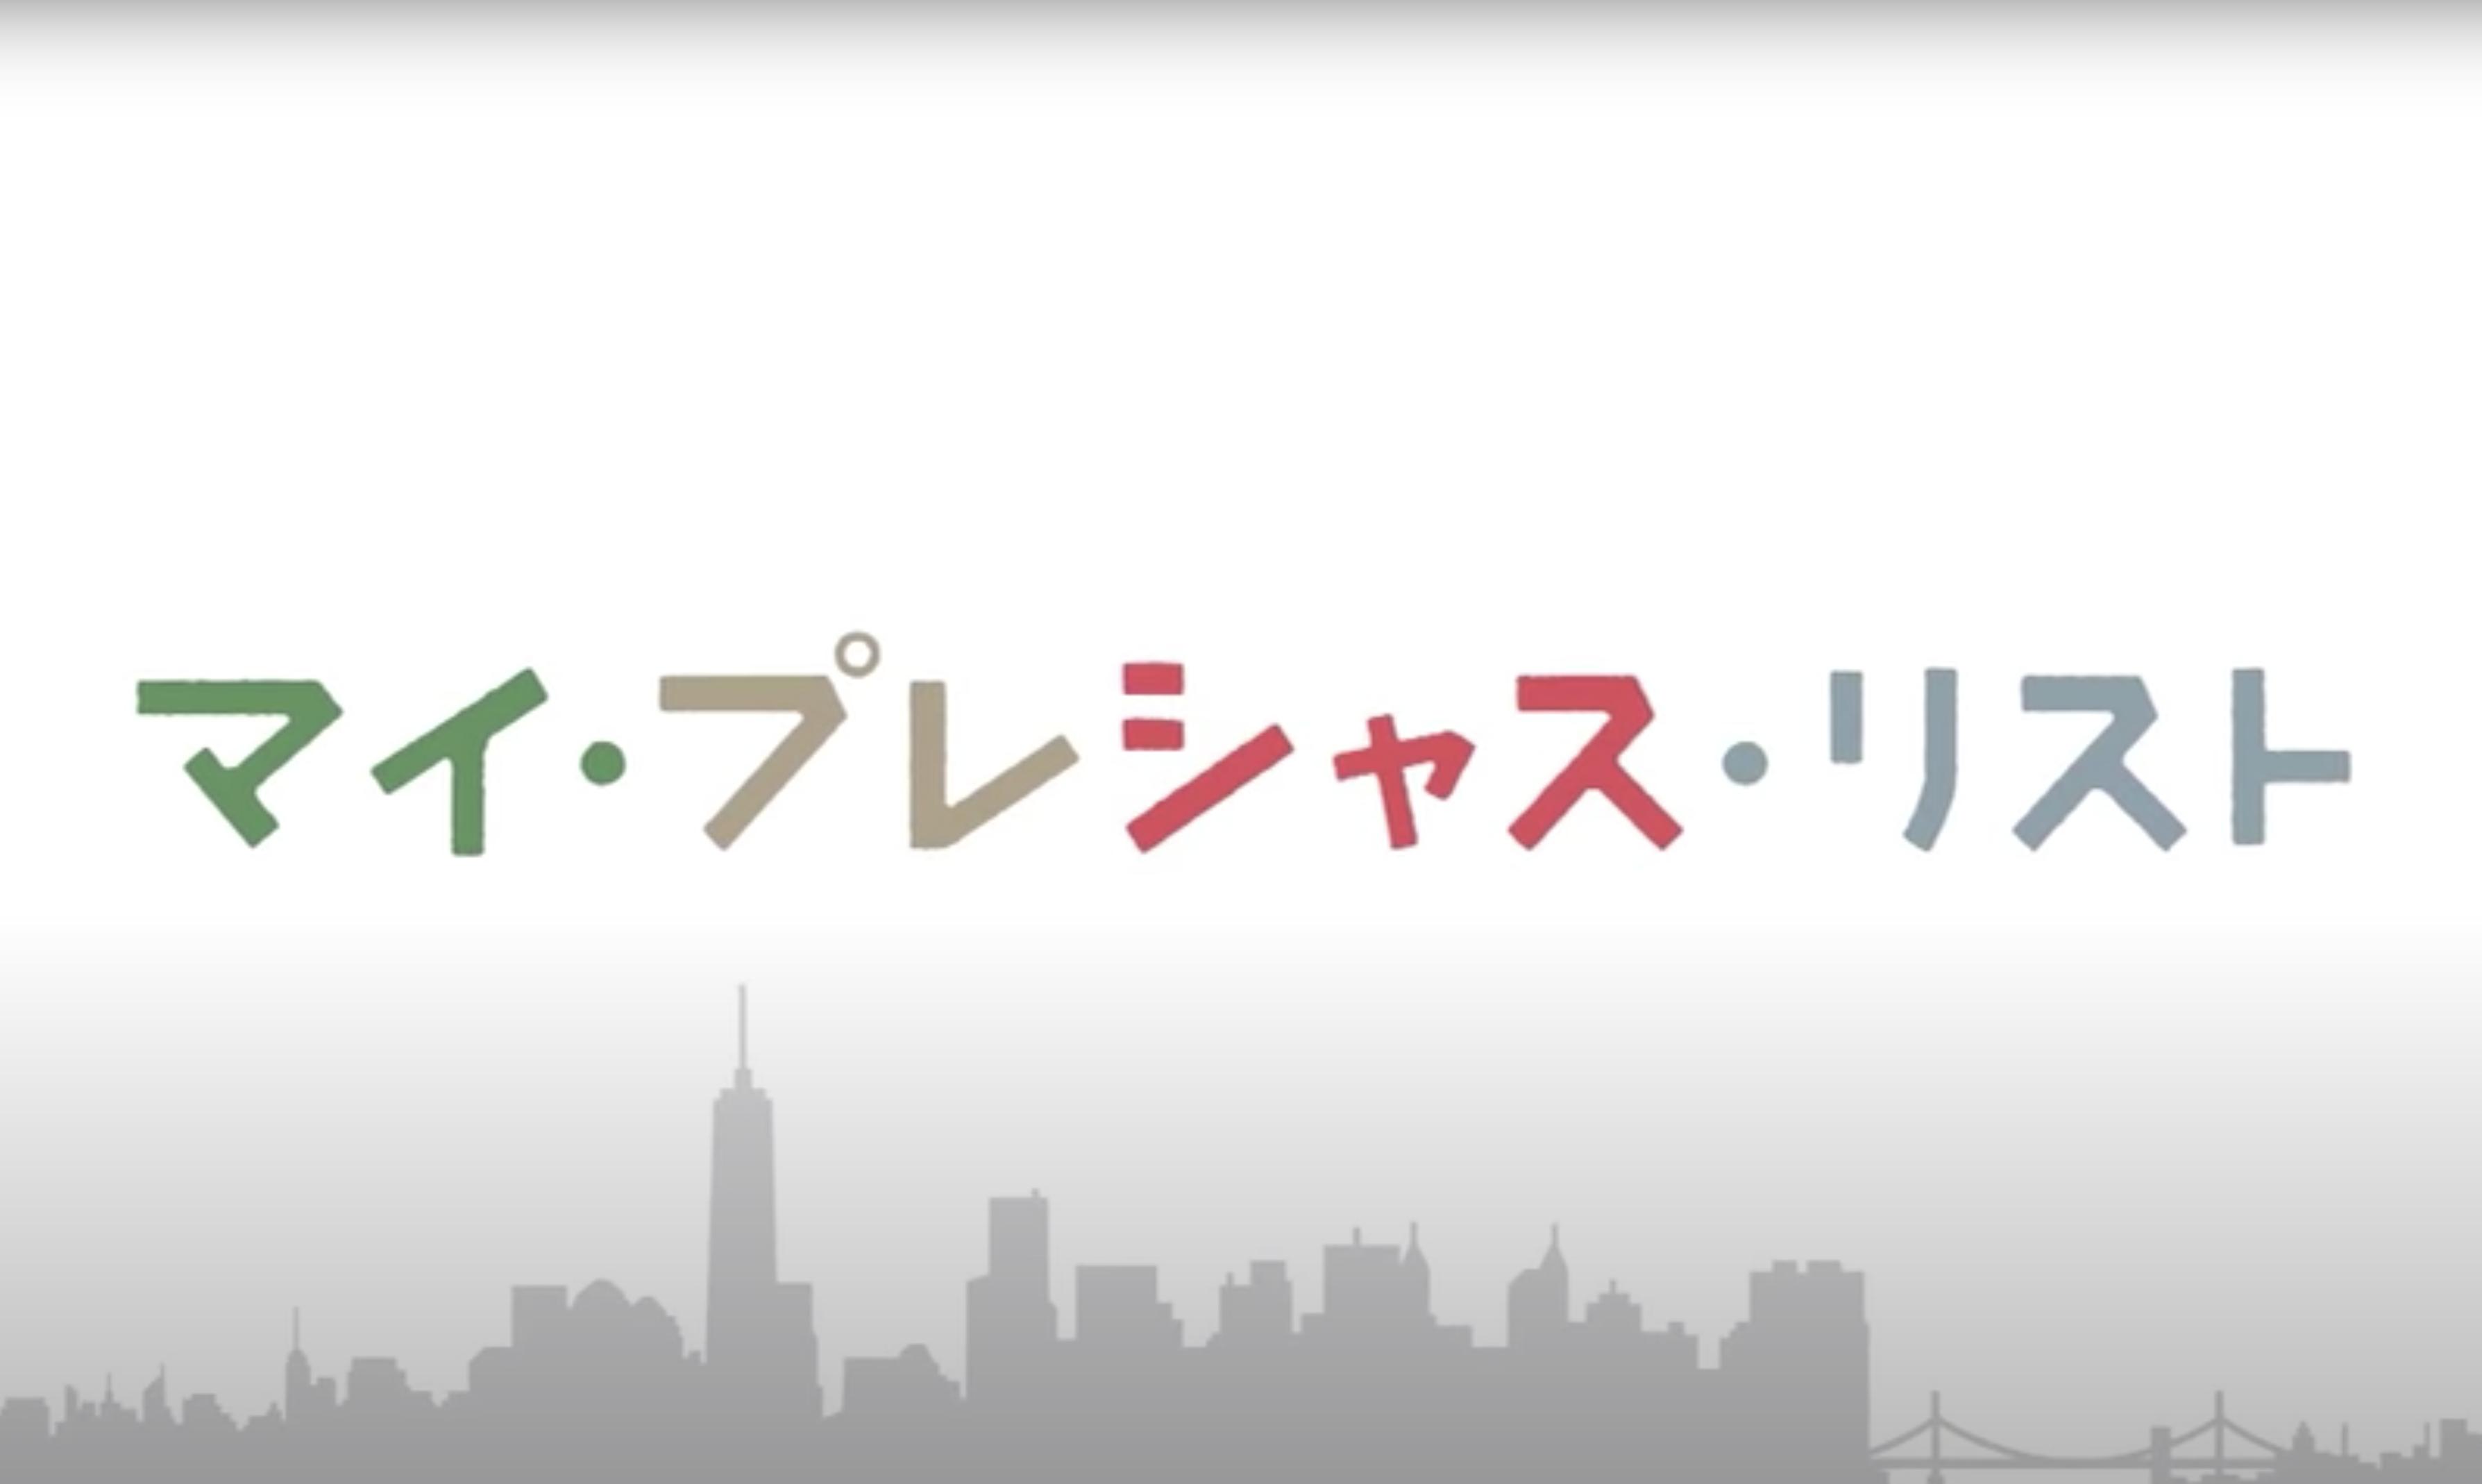 映画|マイ・プレシャス・リスト(字幕映画)の動画を無料視聴できる配信サイト